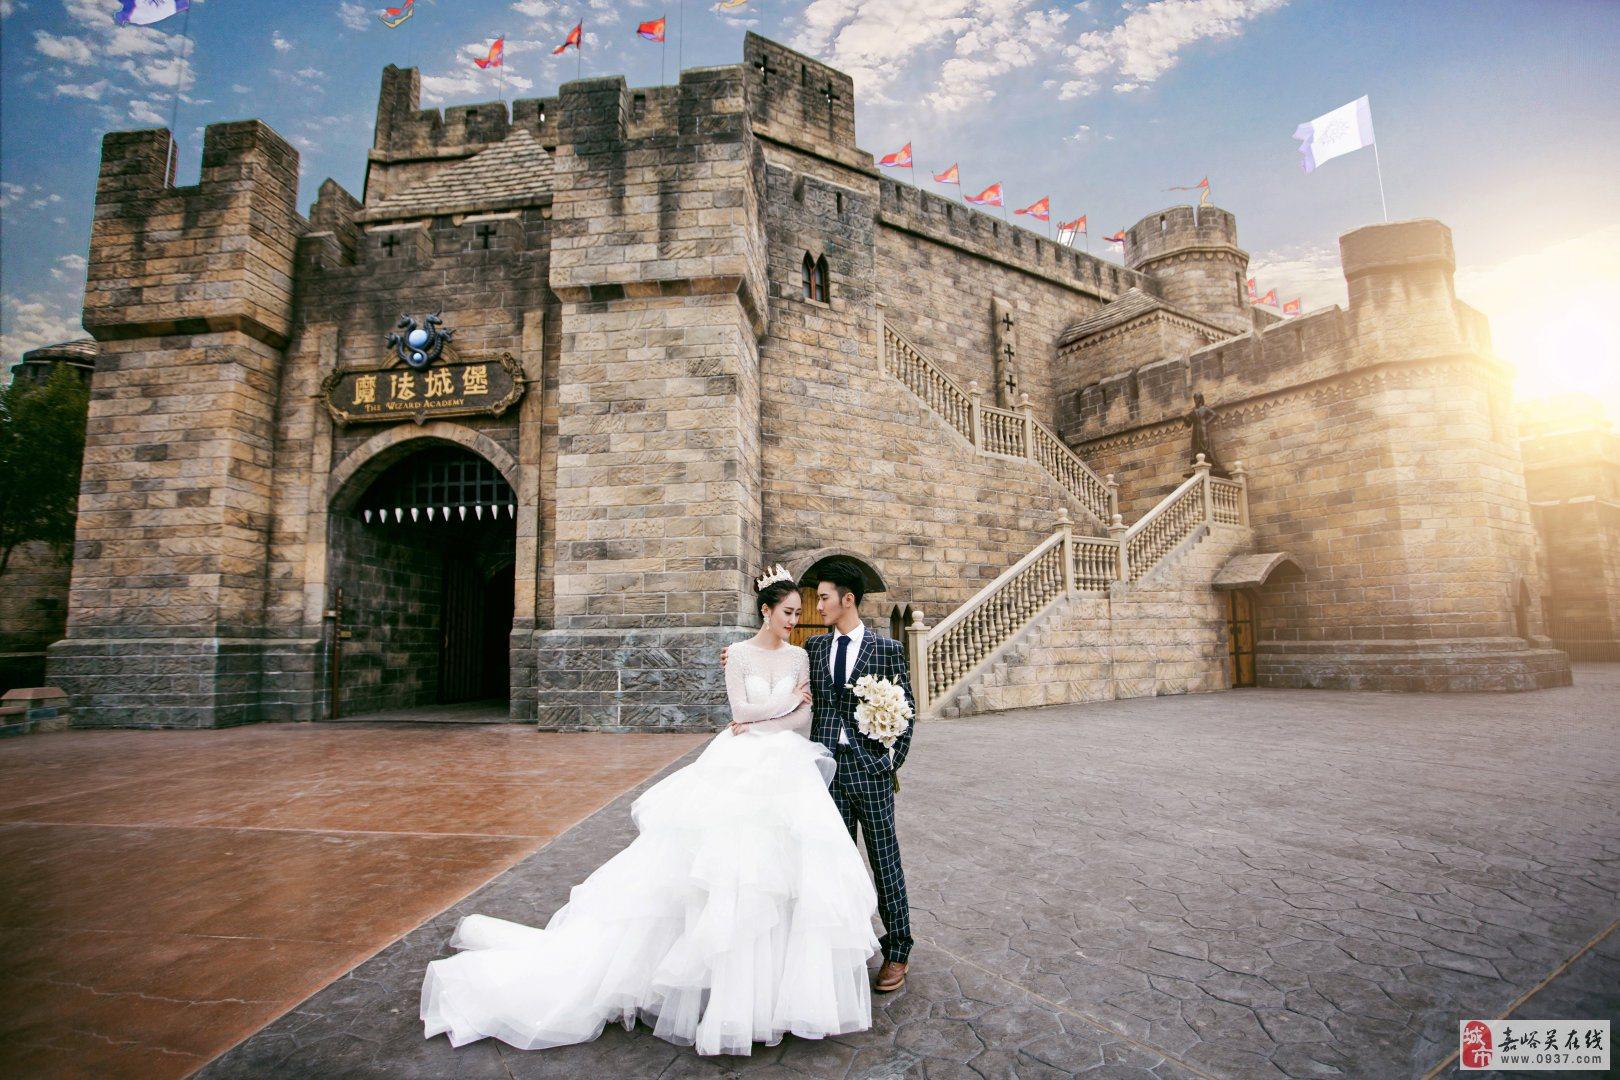 【薇薇新娘】方特城堡童话主题婚纱照 圆你儿时的公主梦